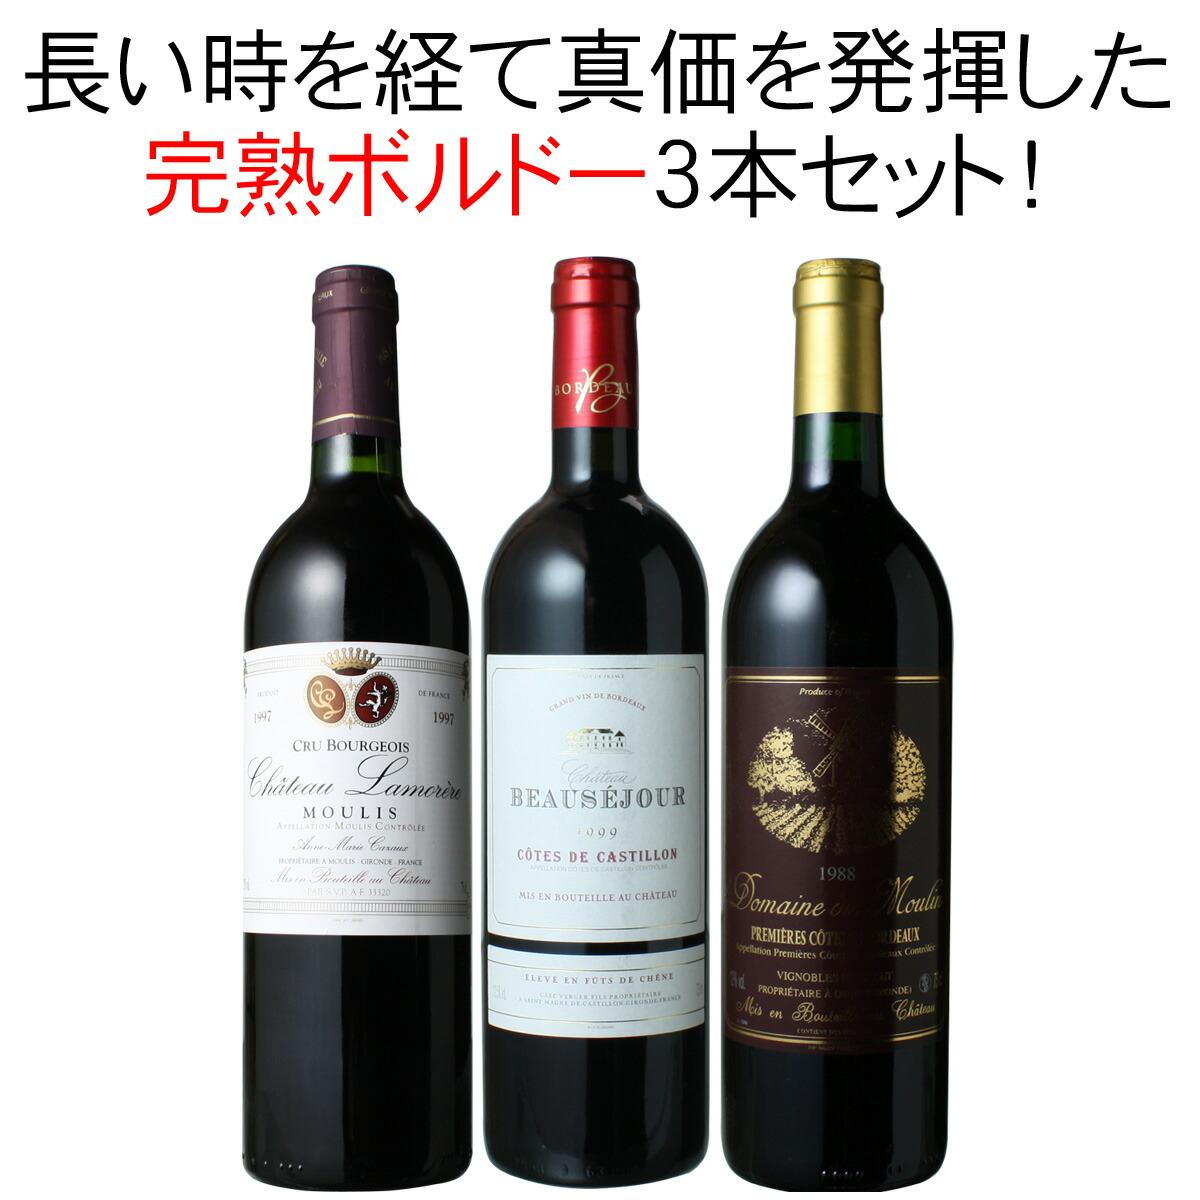 ワインセット 完熟 ボルドー 3本 セット 赤ワイン 古酒 熟成 カベルネ・ソーヴィニヨン メルロー 家飲み 御祝 誕生日 ハロウィン ギフト まさに飲み頃